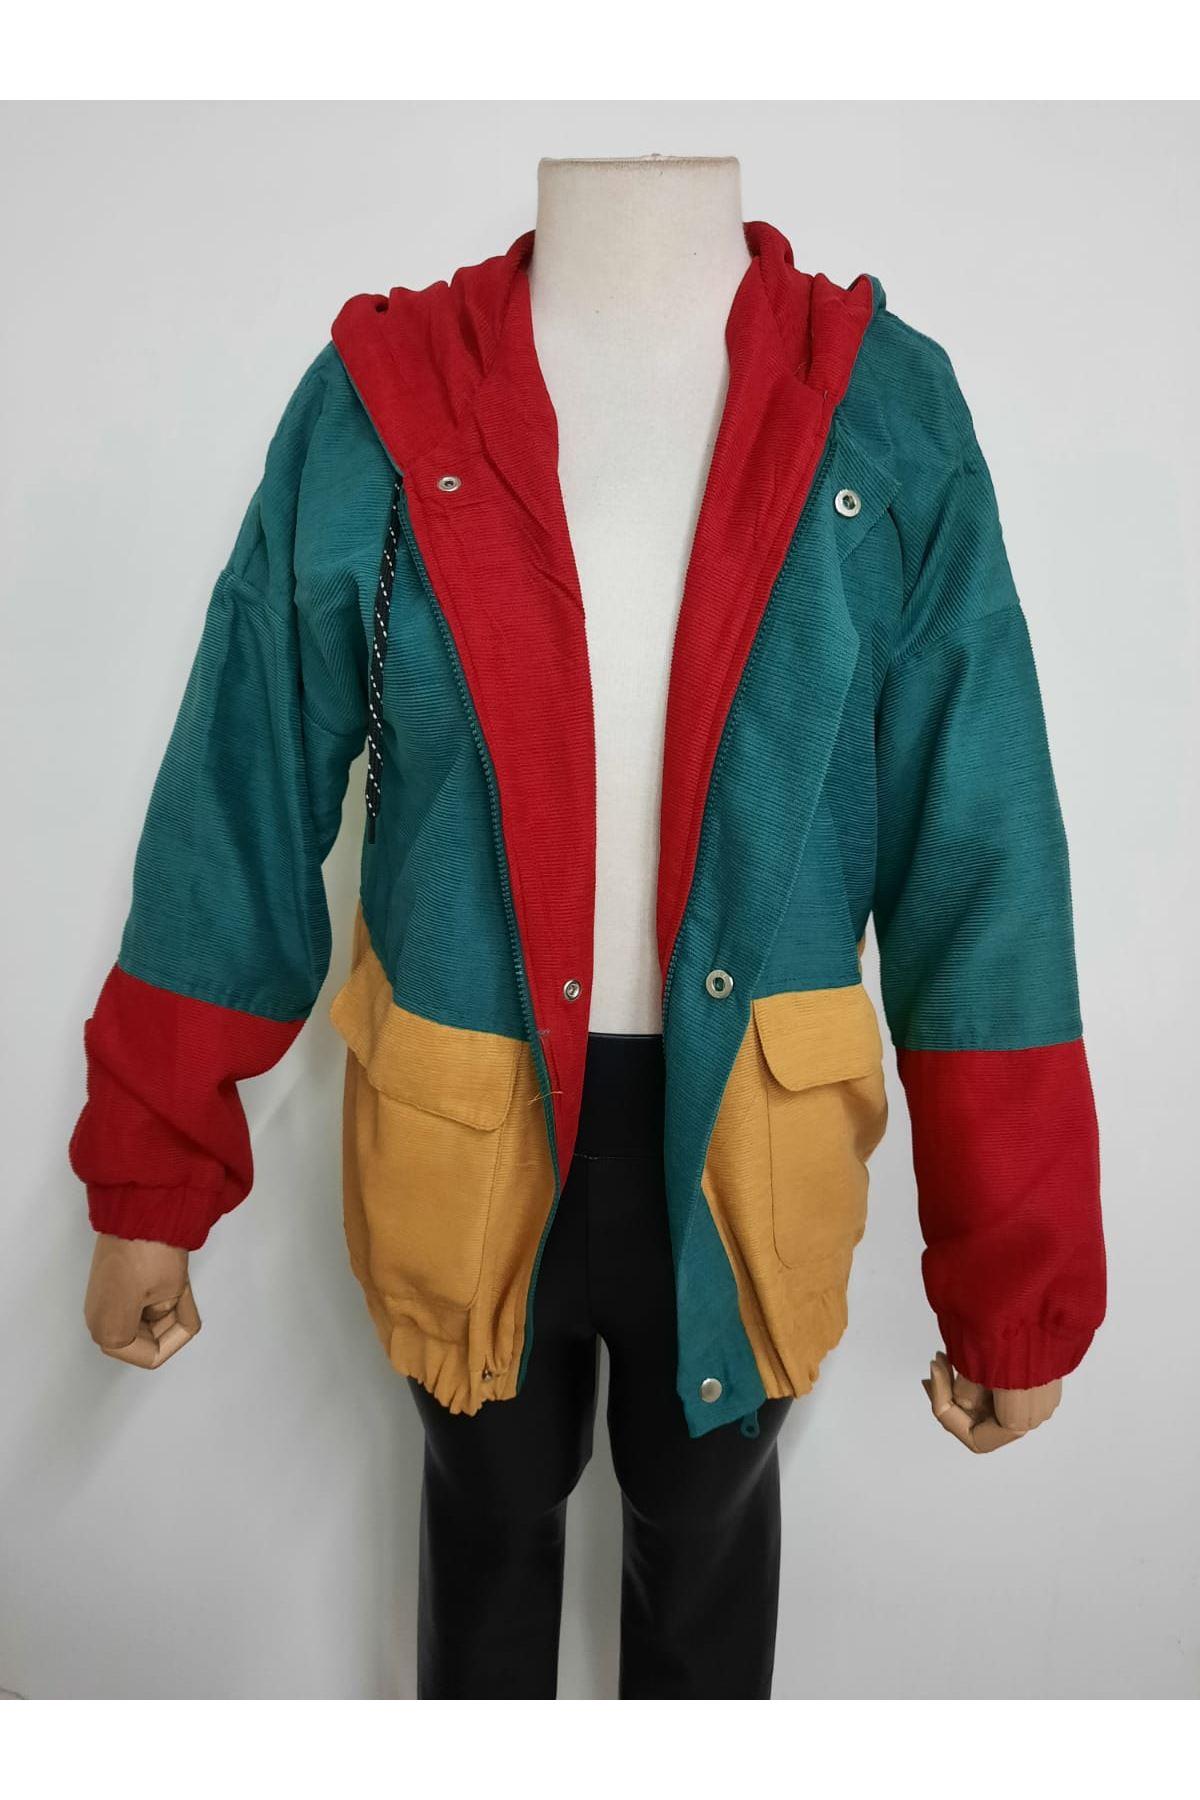 Cep Detaylı Renkli Ceket  - MULTİ